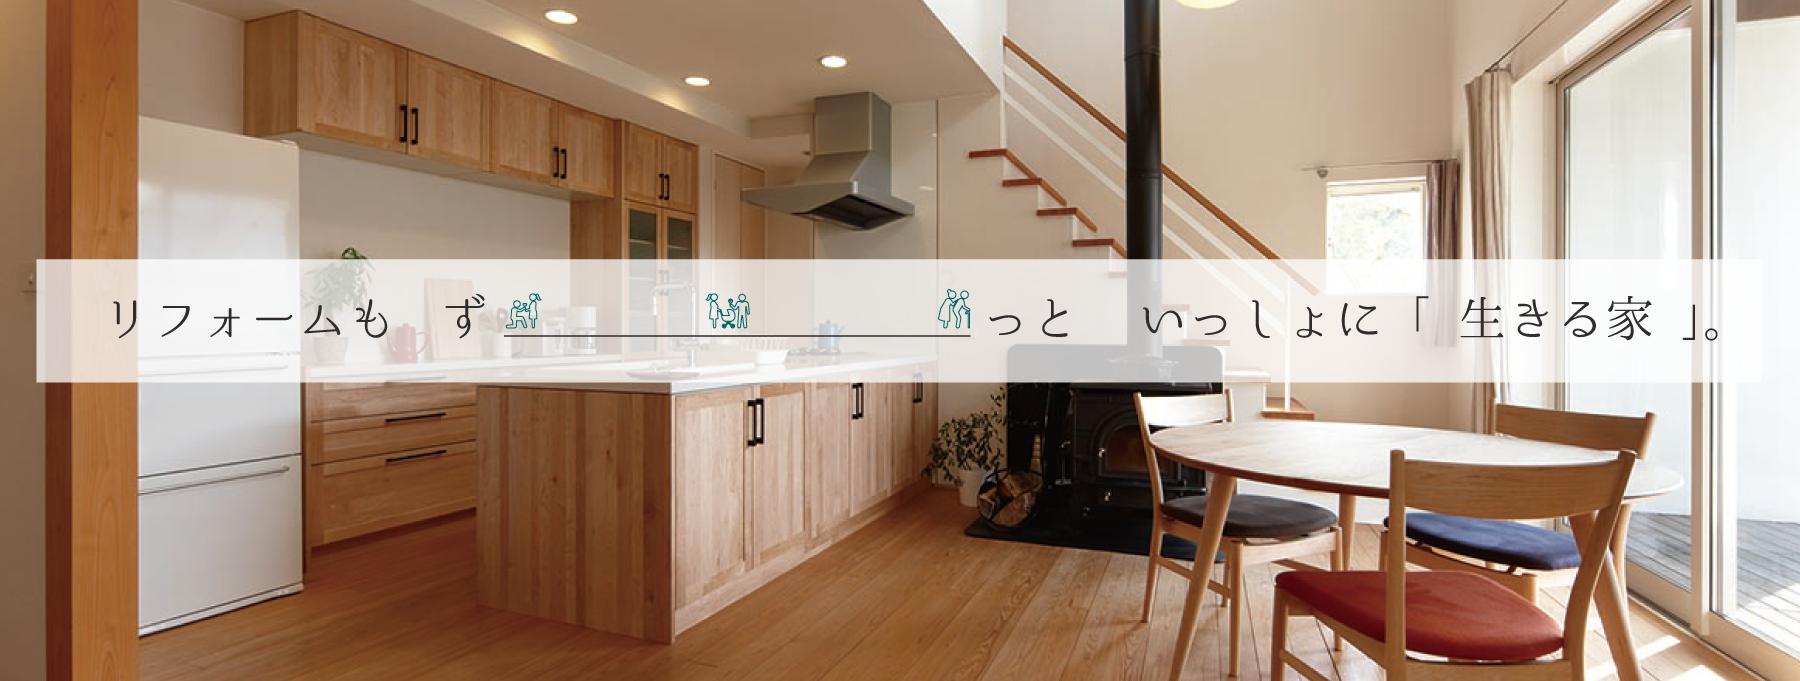 タケモリ一級建築設計事務所 | ビオハウジング | 化学物質過敏症・アレルギー・シックハウスを改善する健康住宅のリフォーム施工実例イメージ